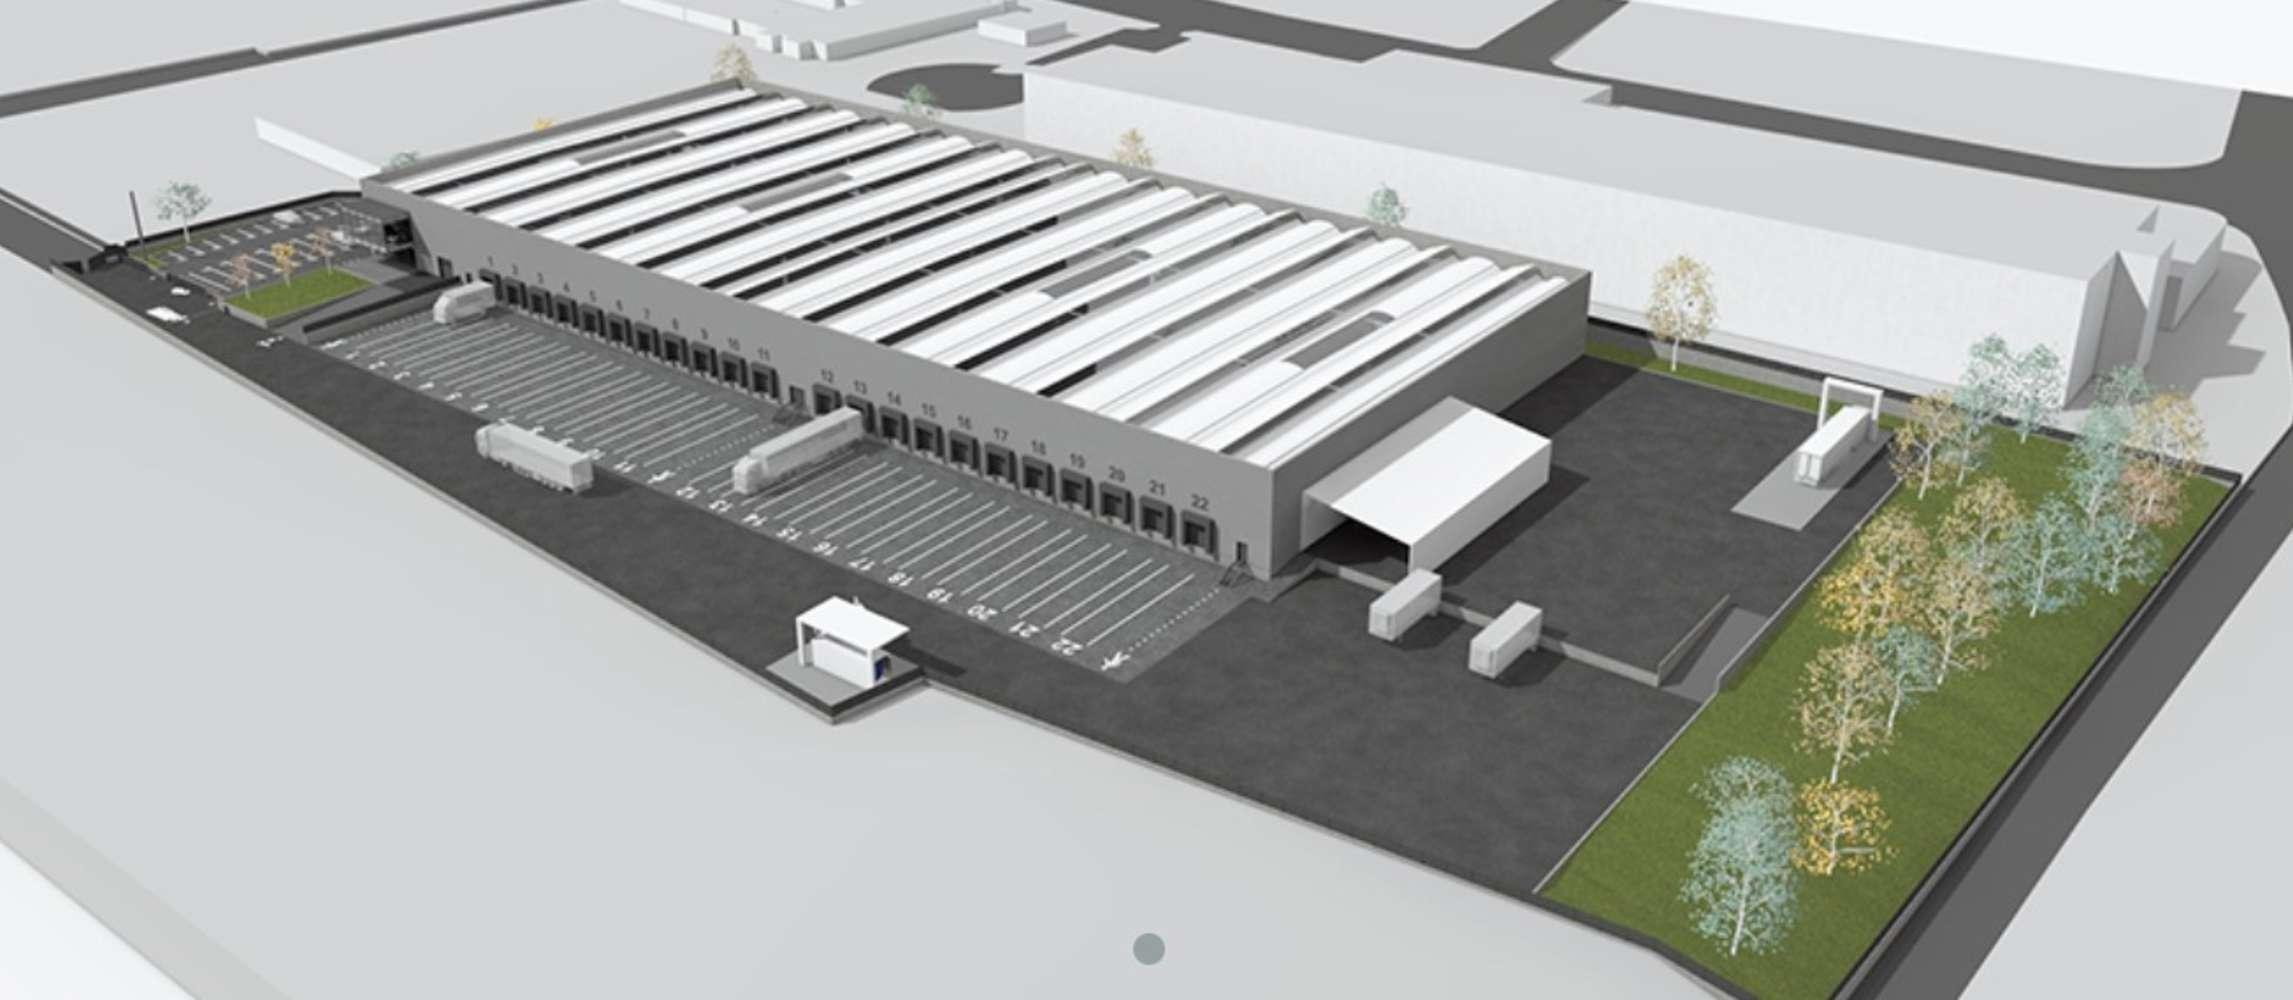 Magazzini industriali e logistici Cameri, 28062 - Magazzino logistico Cameri - 10921914